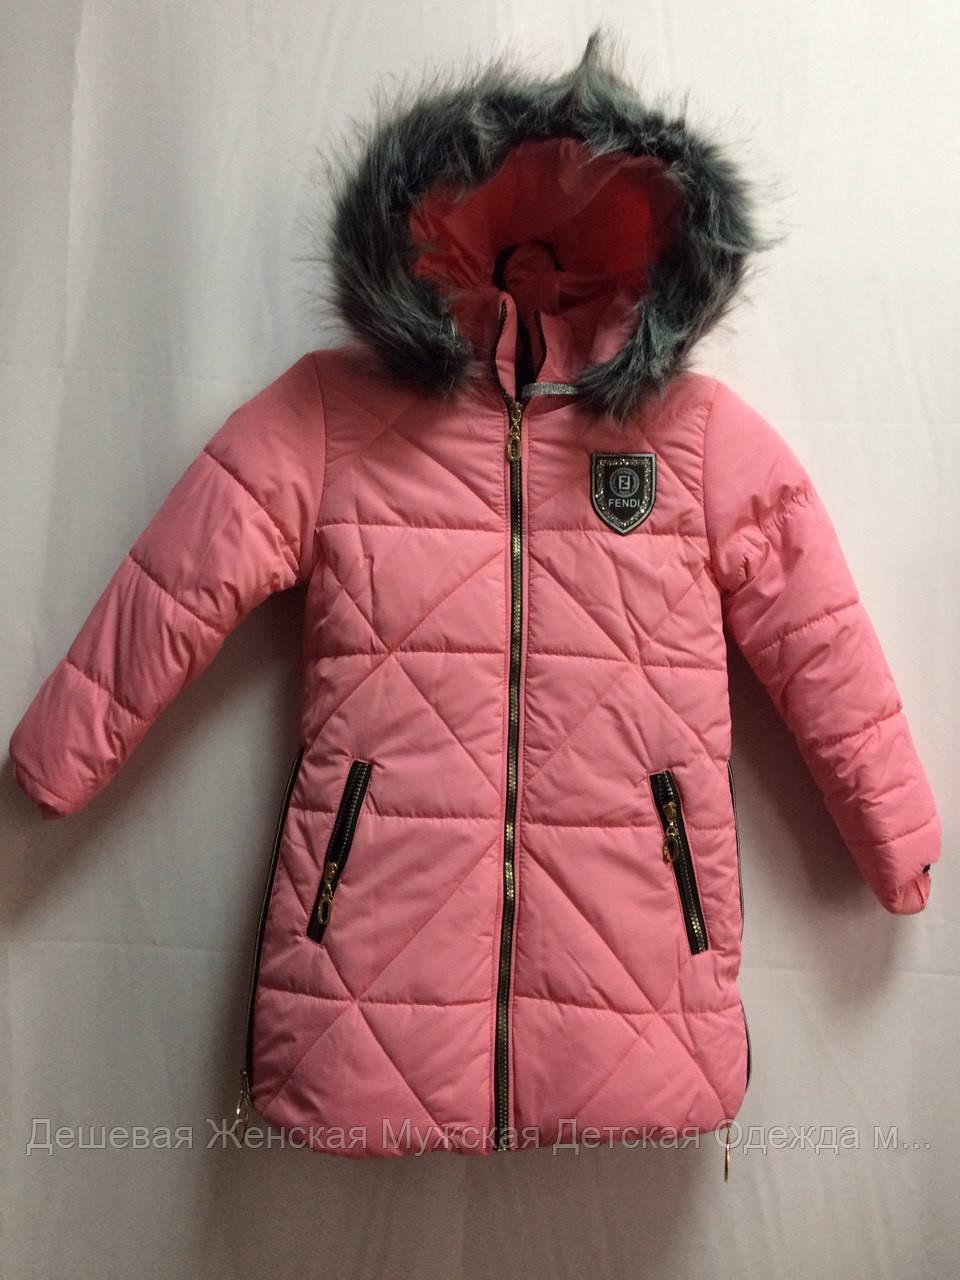 Куртка детская, зима